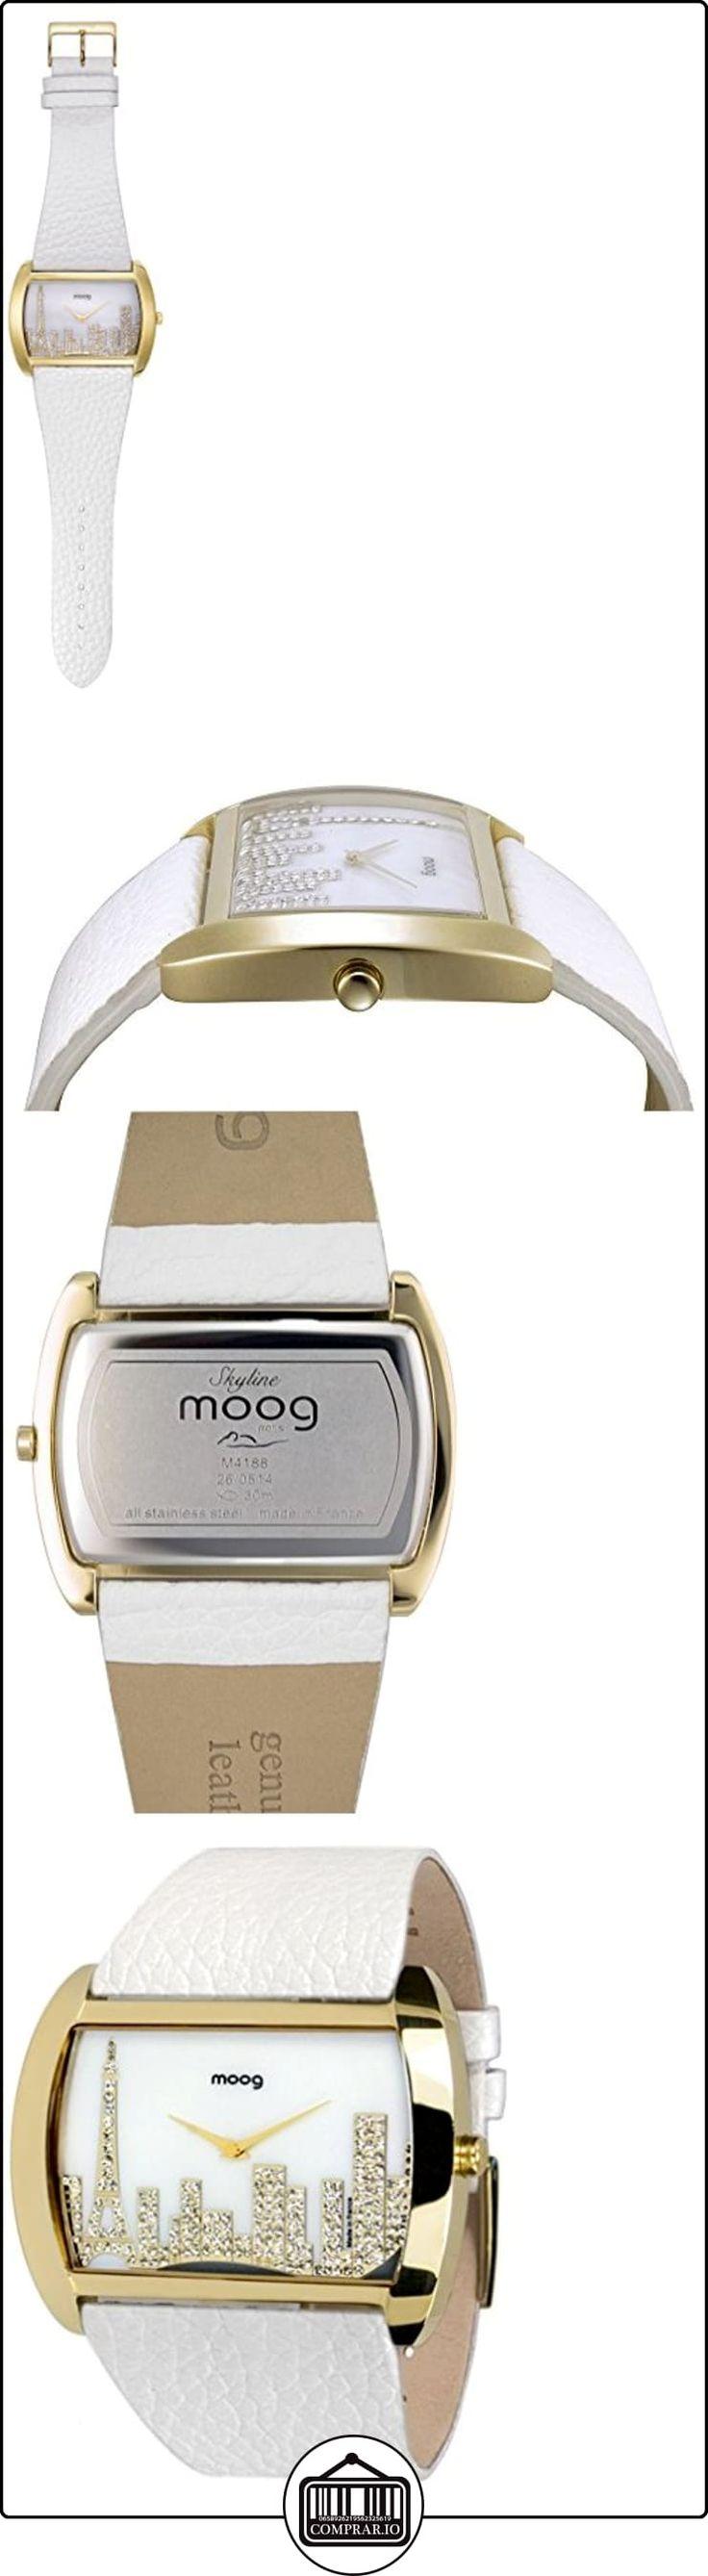 Moog Paris - Skyline - Reloj para Mujer - Dial color Blanco - Correa Blanco en Piel de vaca - Paris reloj - Hecho en Francia - M41882-101  ✿ Relojes para mujer - (Gama media/alta) ✿